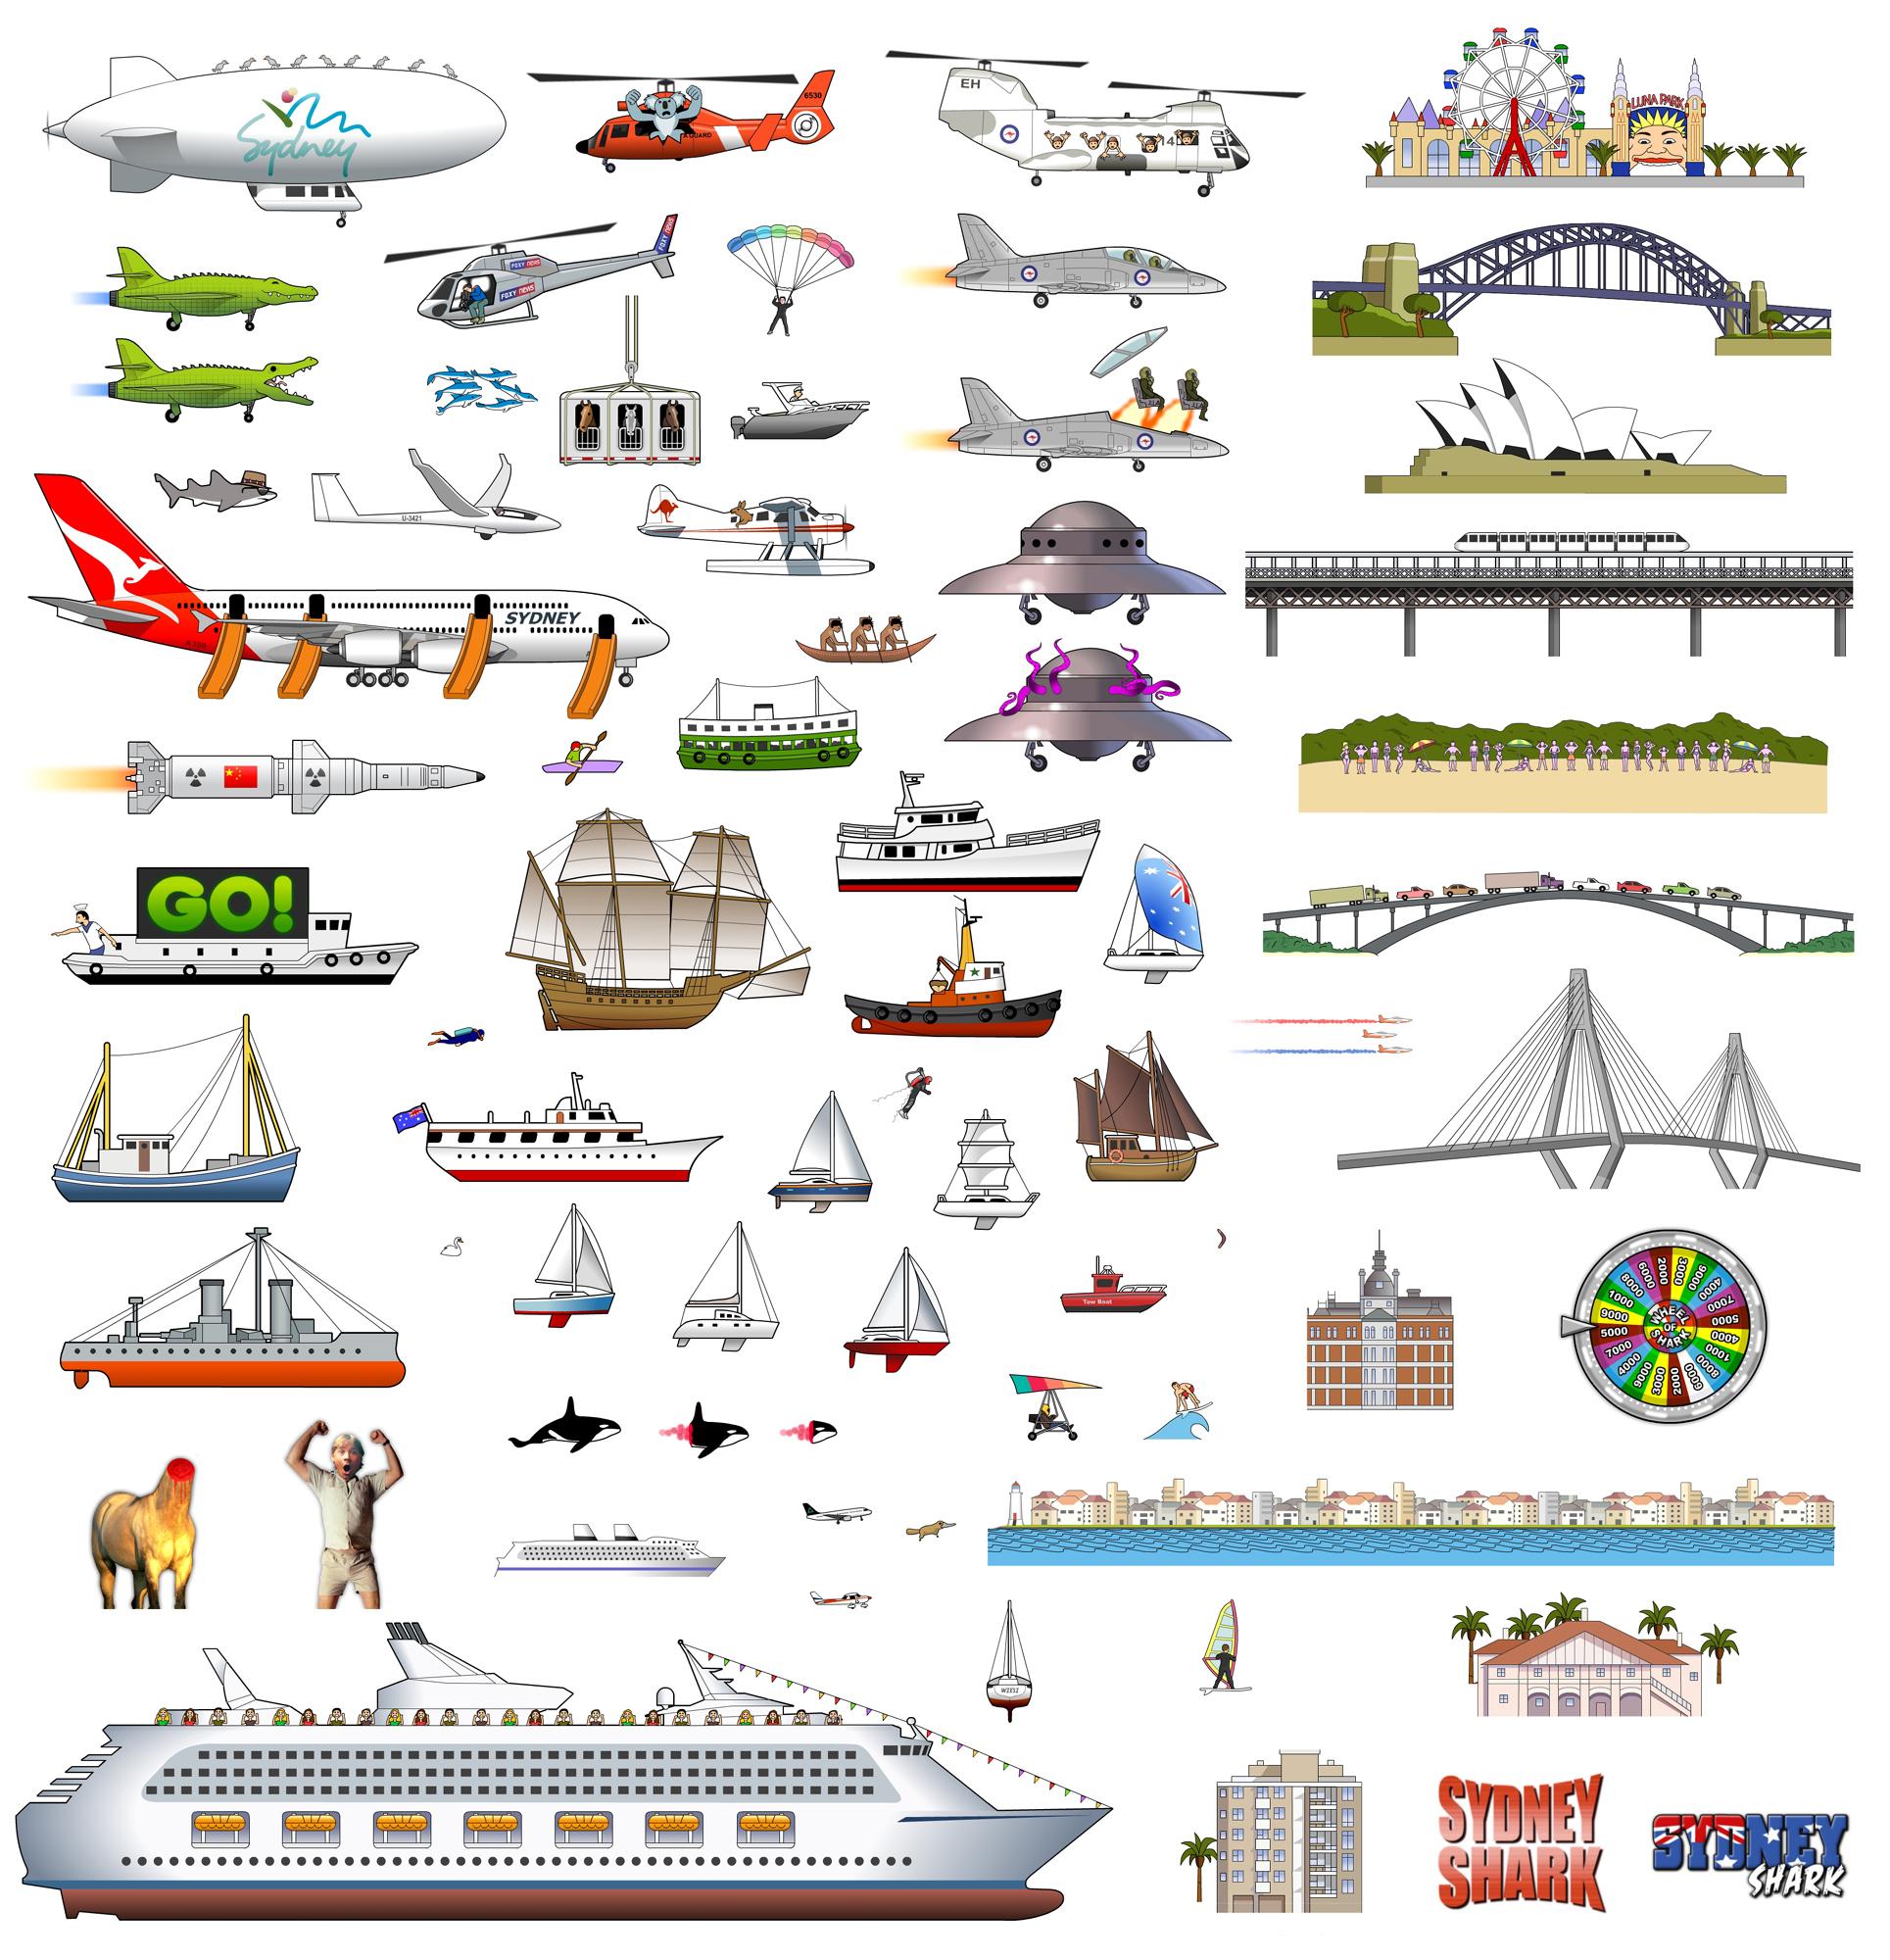 Sydney Shark game artworks